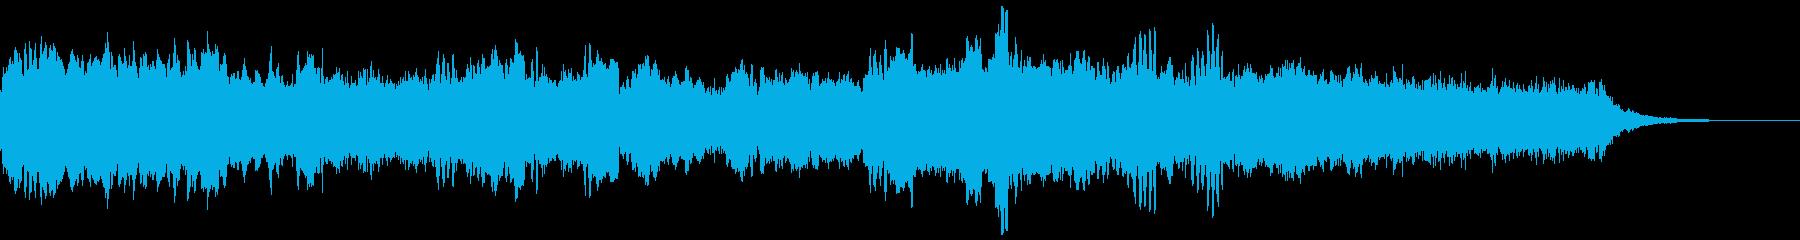 笙の音色が響く、神秘的な和風BGMの再生済みの波形